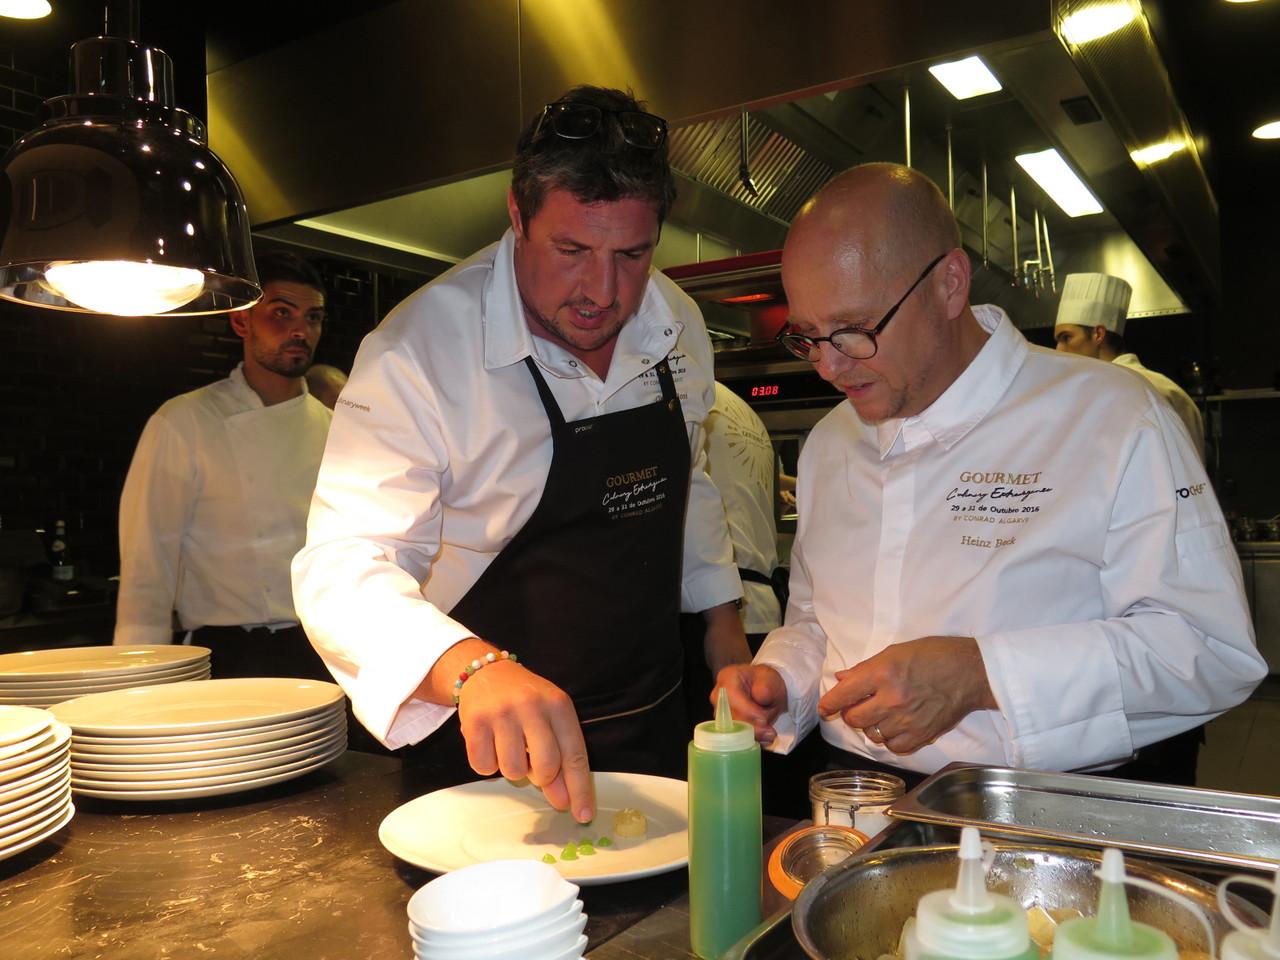 Claude Bosi explicando o prato a Heinz Beck